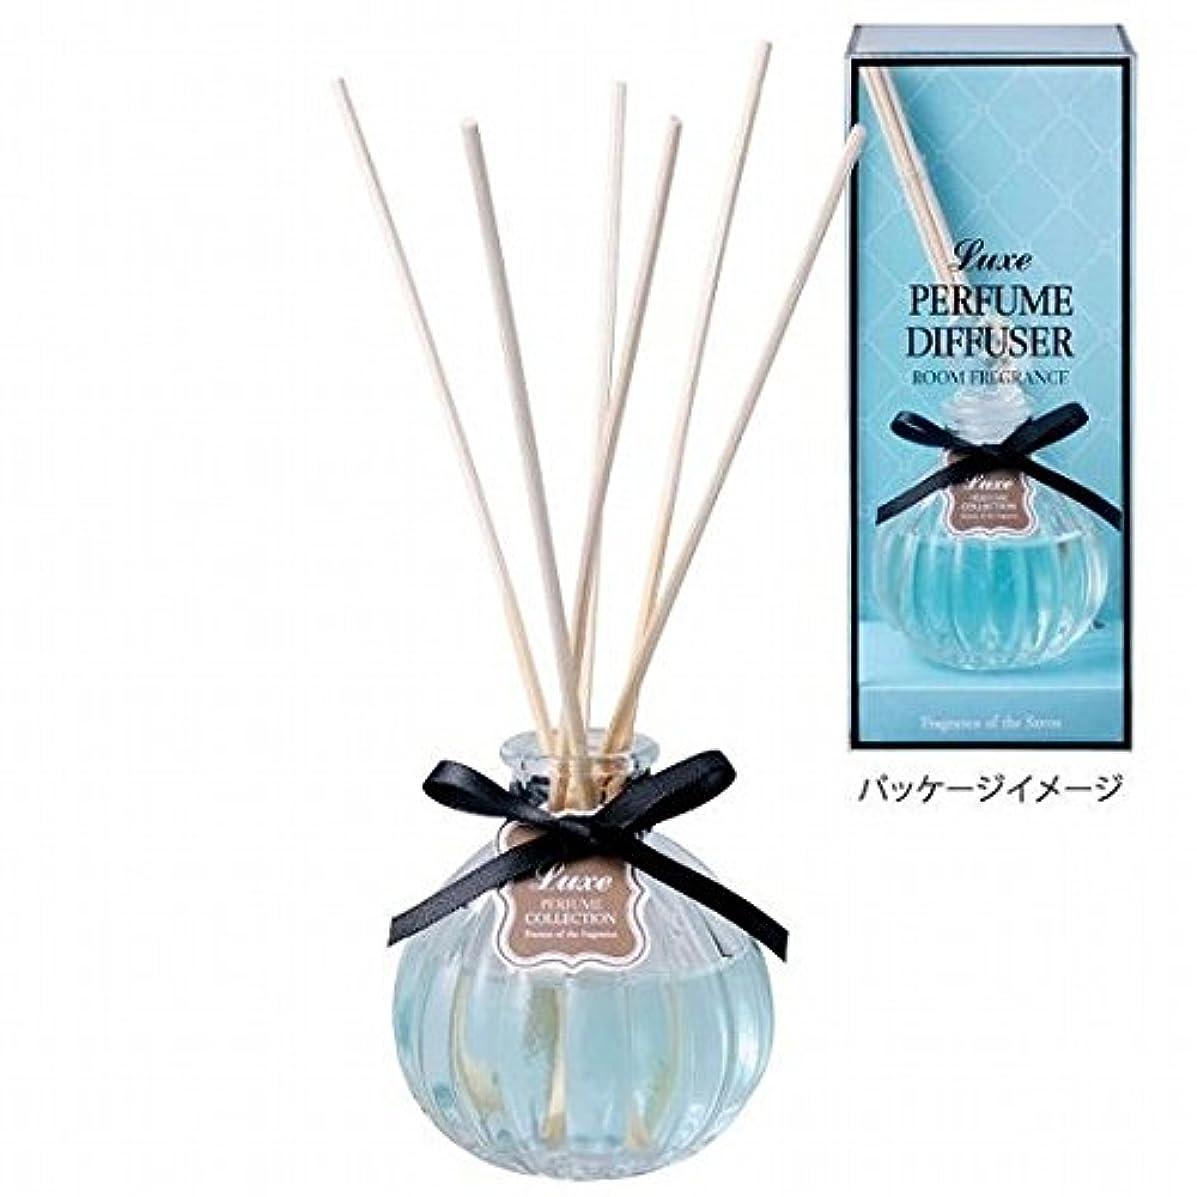 みなさん幹マンハッタンkameyama candle(カメヤマキャンドル) パフュームディフューザー 「 サボン 」(E3260520)